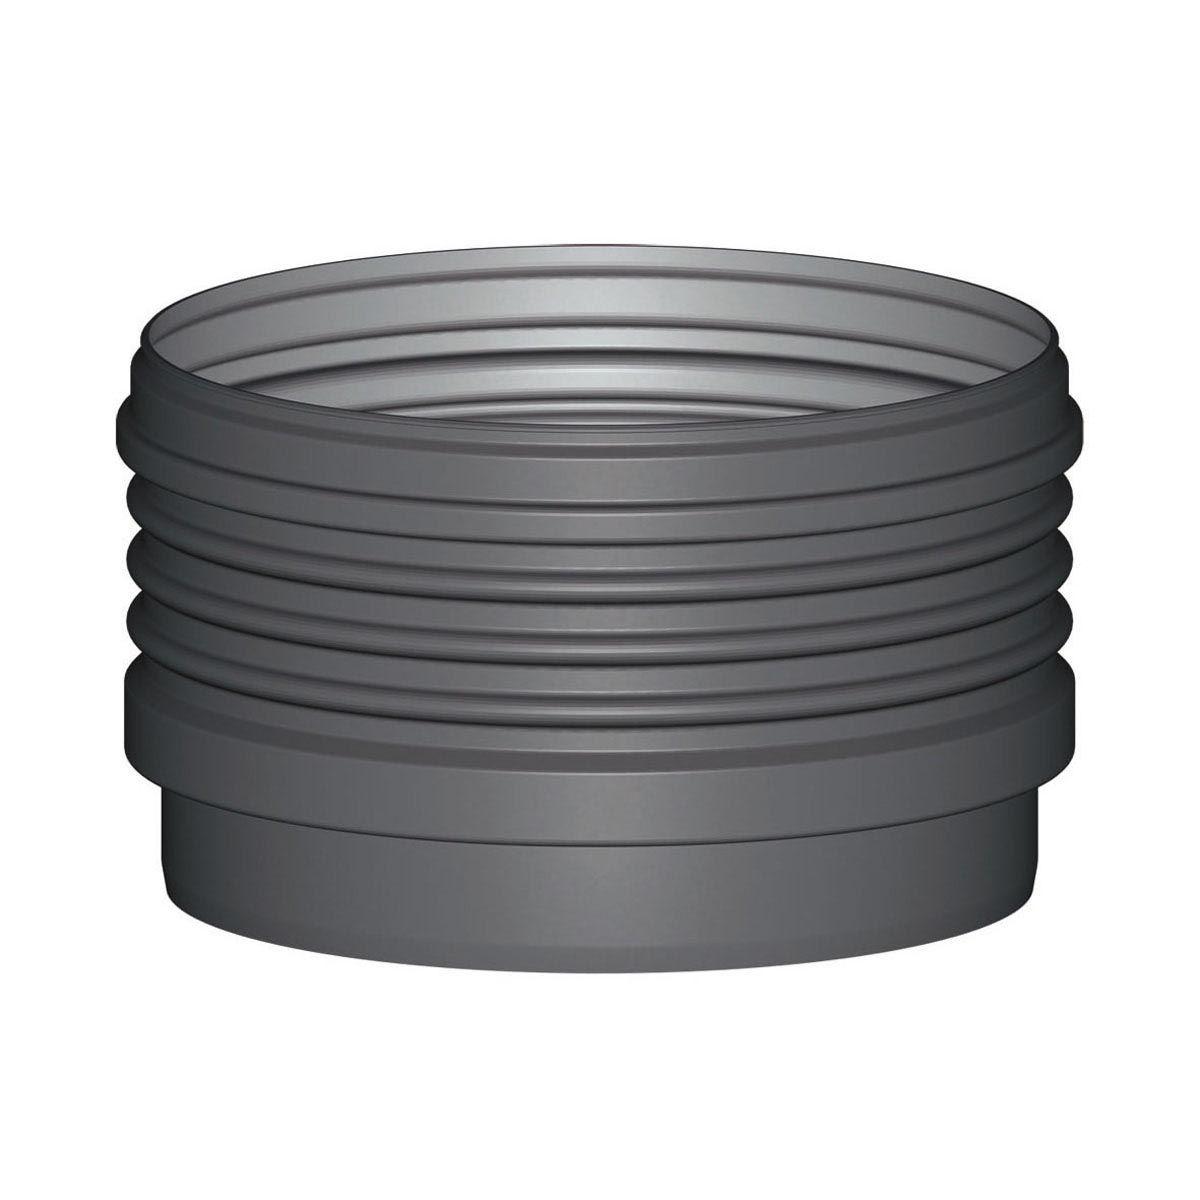 Zwischenstück mit Profildichtung, schwarz, 400 x 600 mm